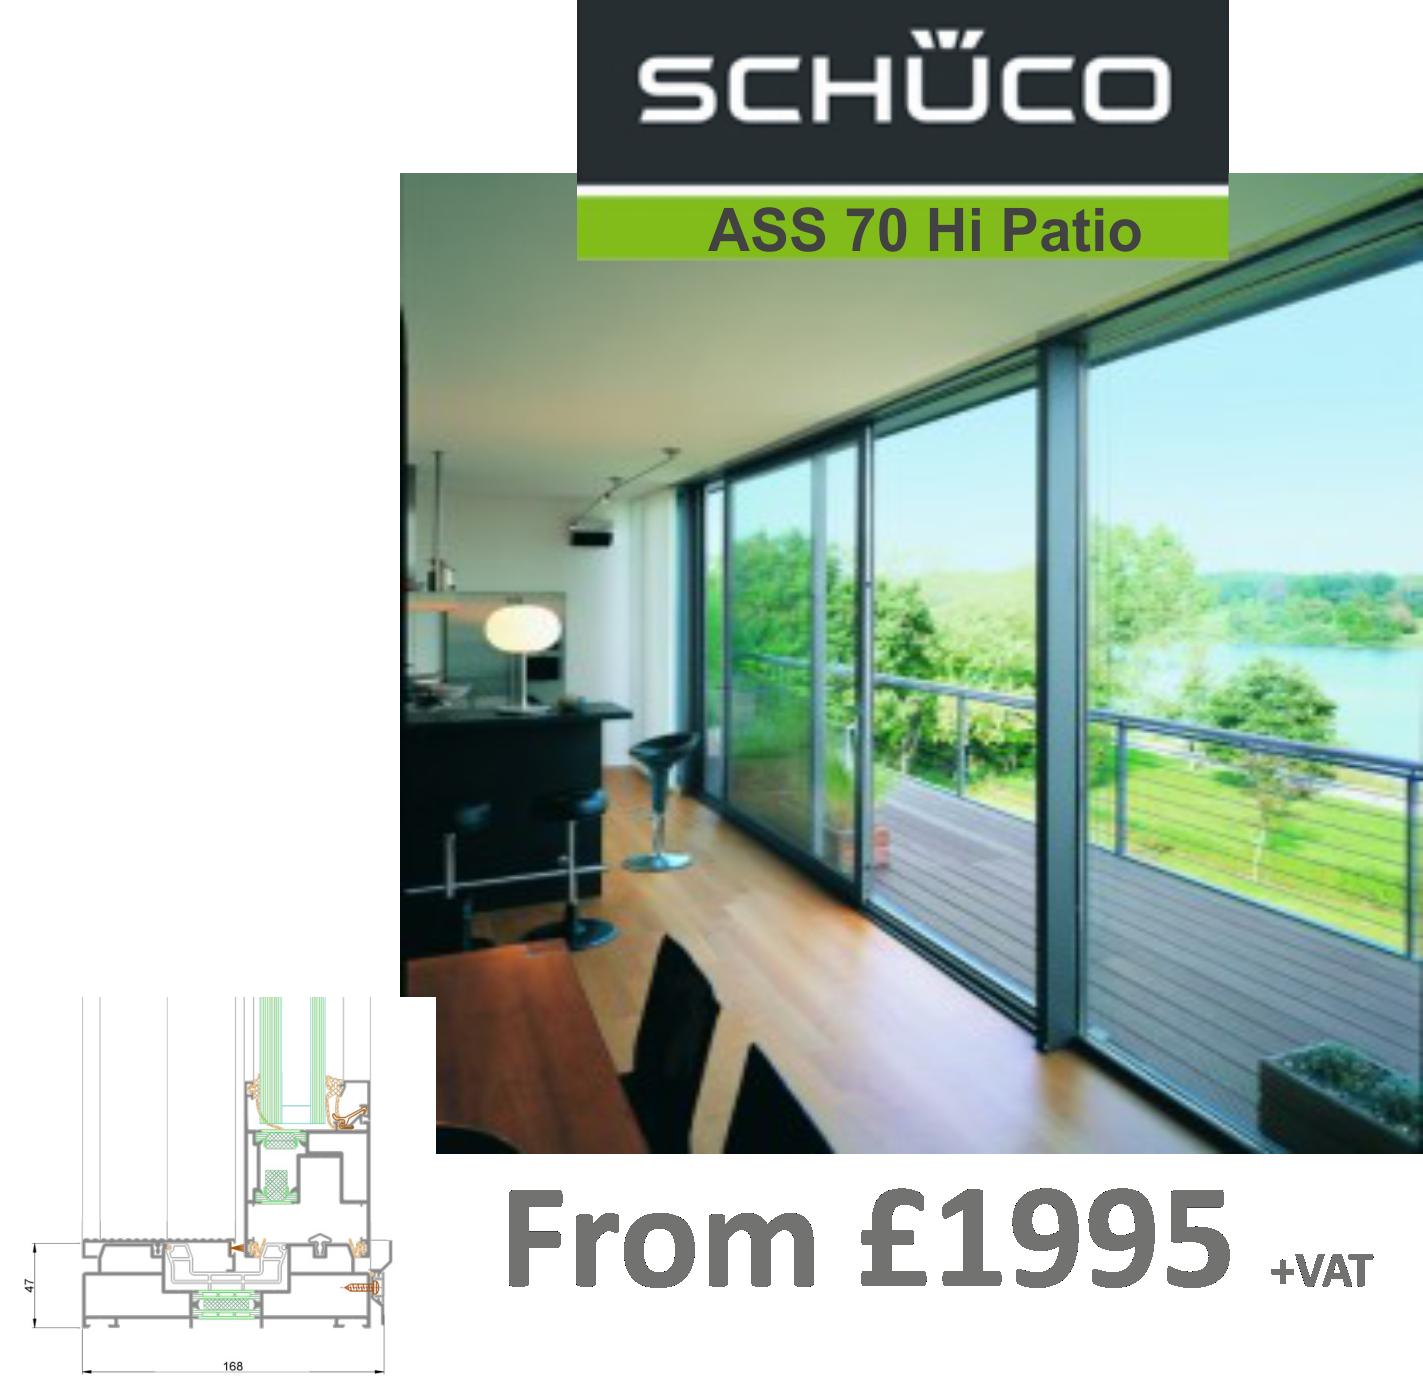 Schuco ASS 70 Hi Patio Door